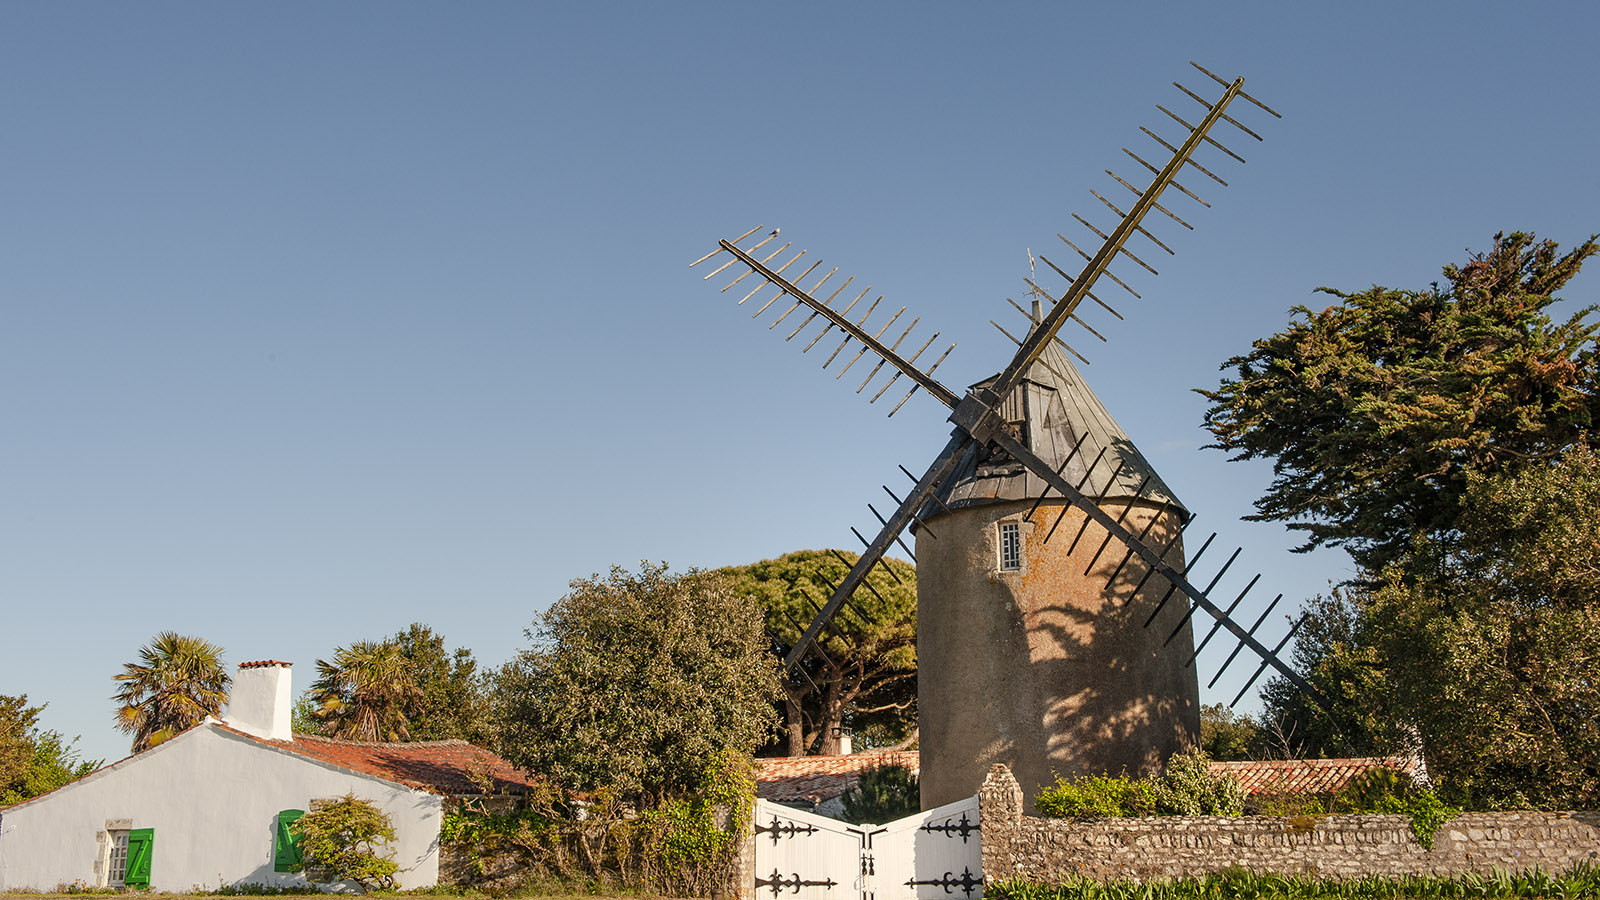 Beim Radfahren kommt ihr auch an Windmühlen wie dieser vorbei – sie steht im Süden der Île de Ré. Foto: Hilke Maunder